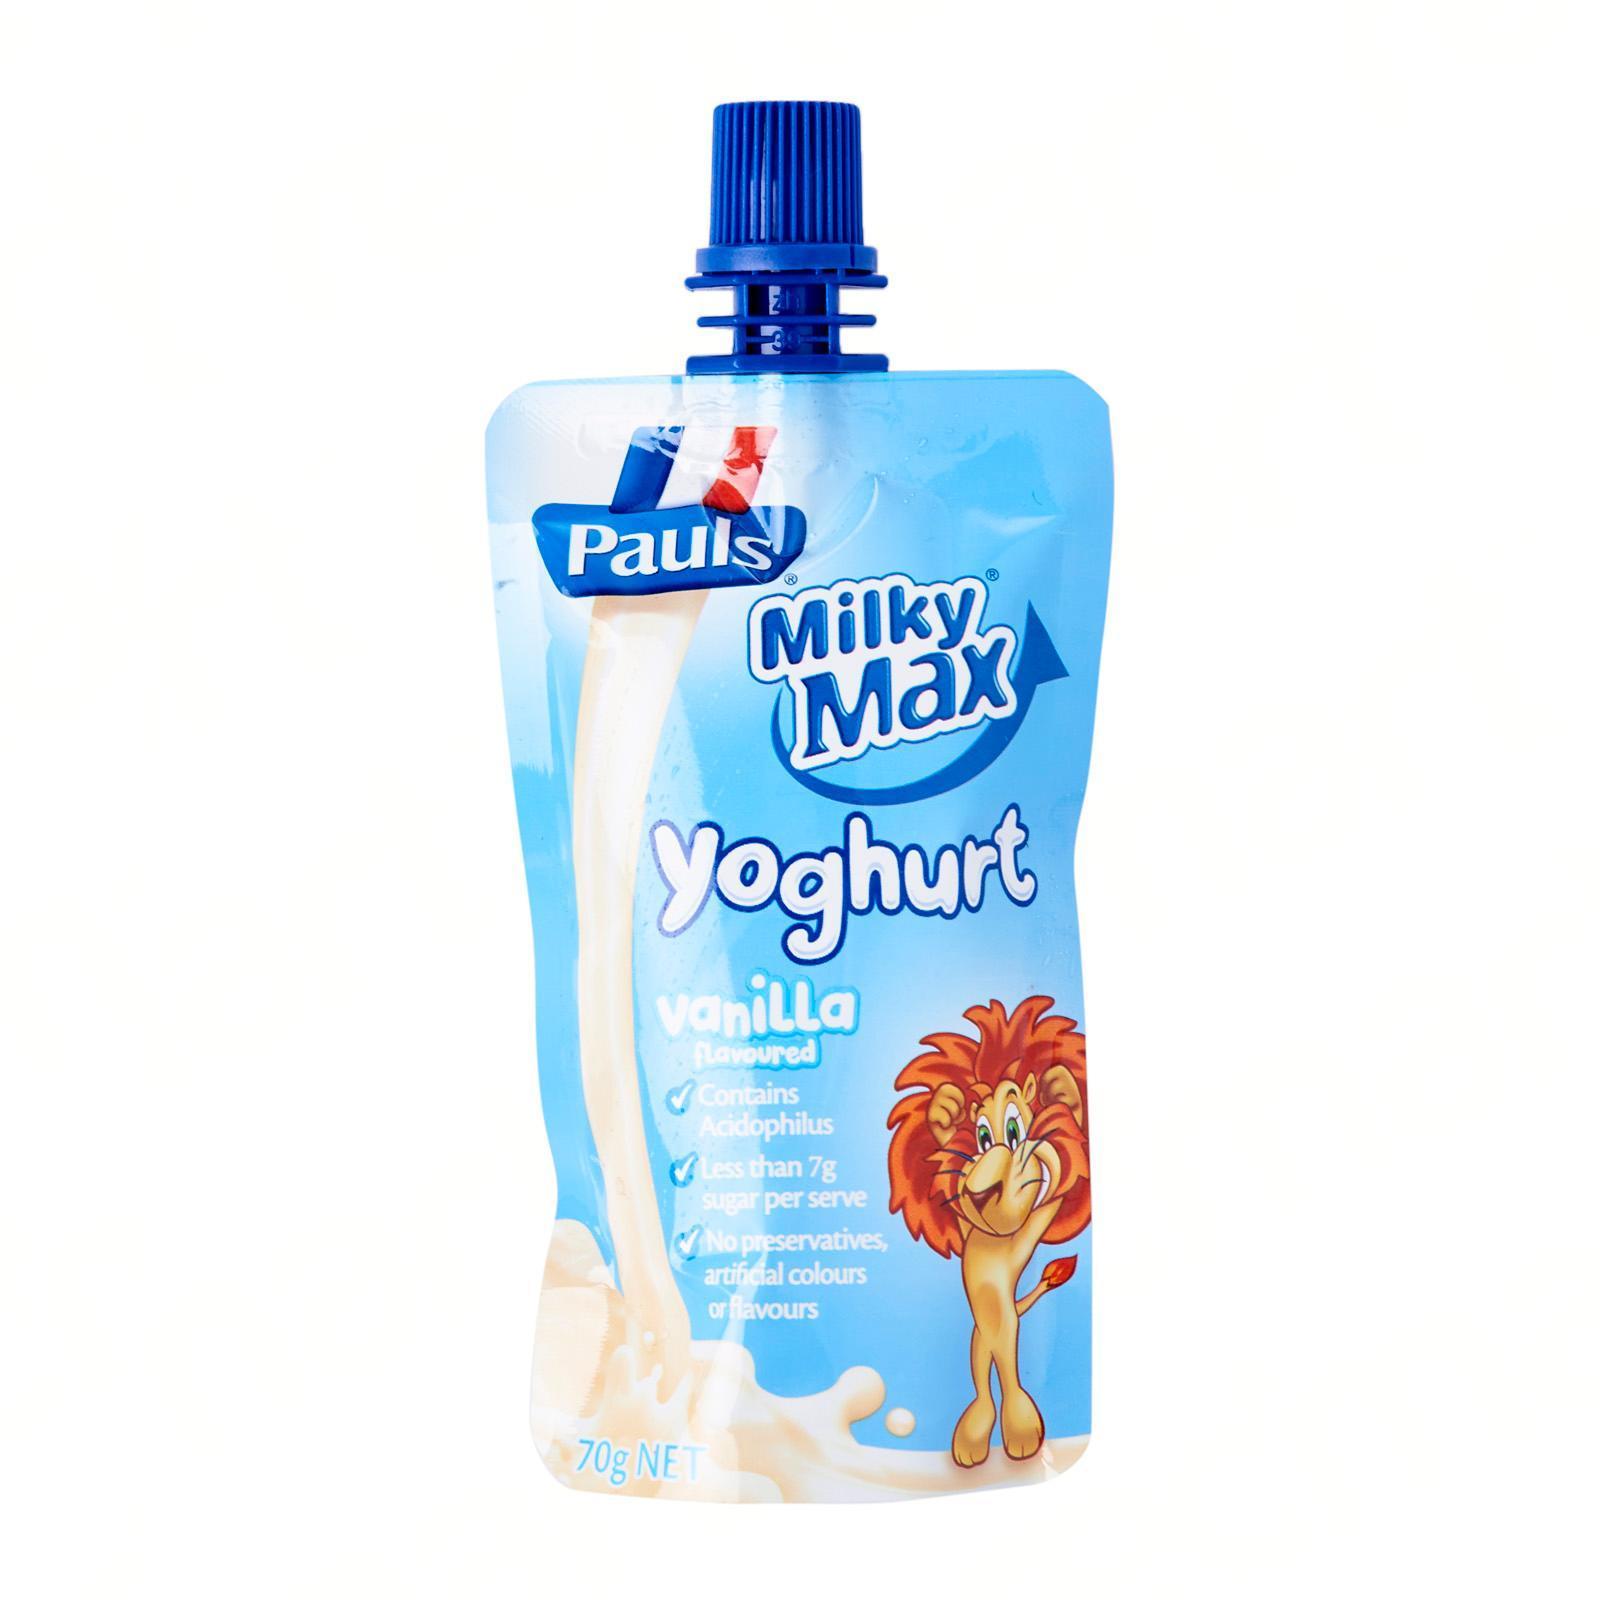 Pauls Kids Yoghurt Vanilla